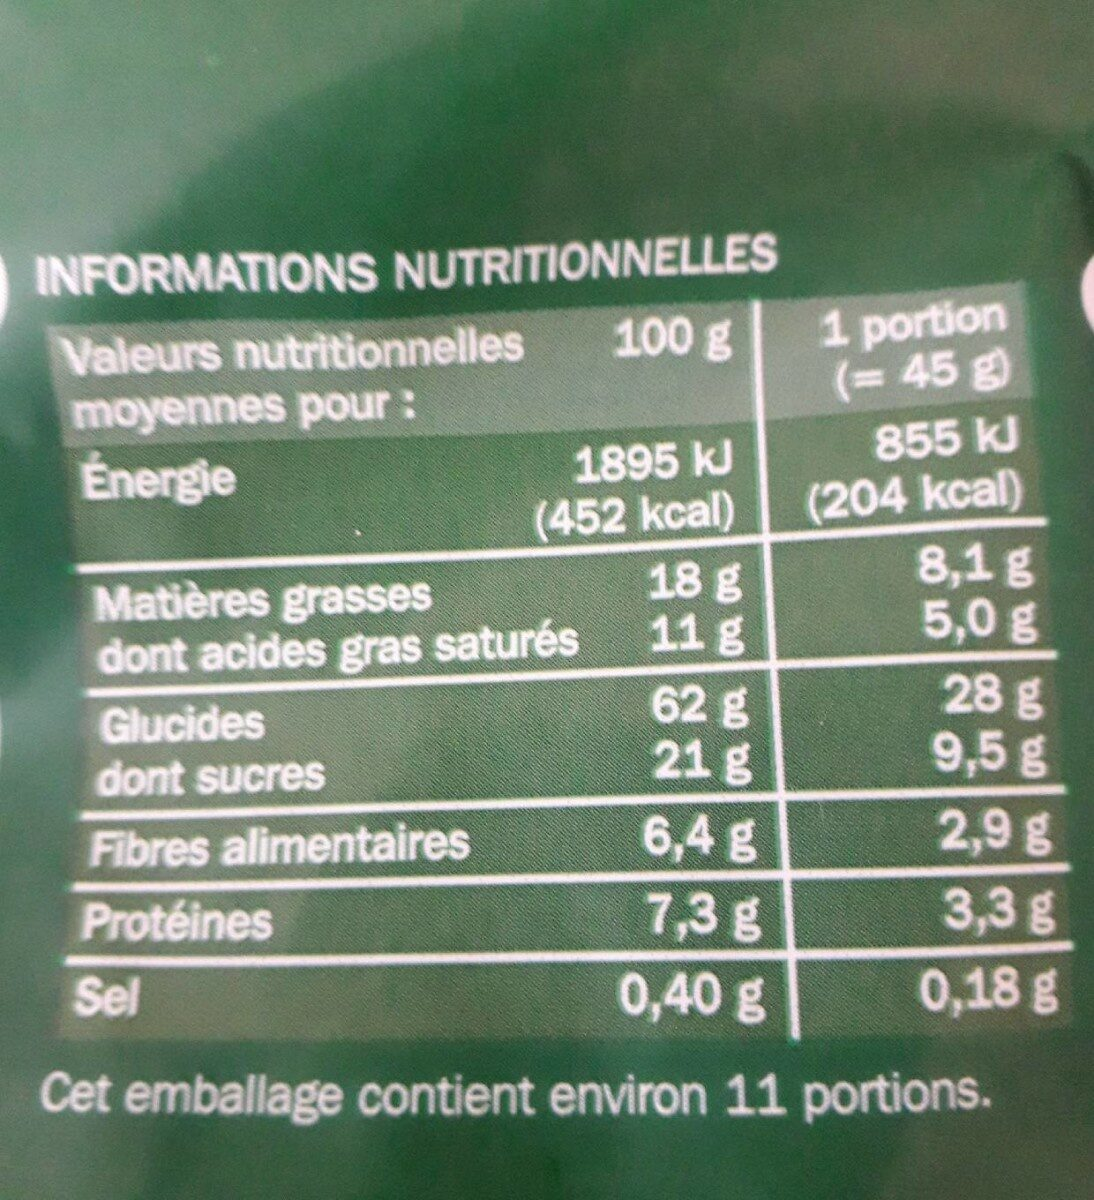 Muesli croustillant aux fruits - Informations nutritionnelles - fr